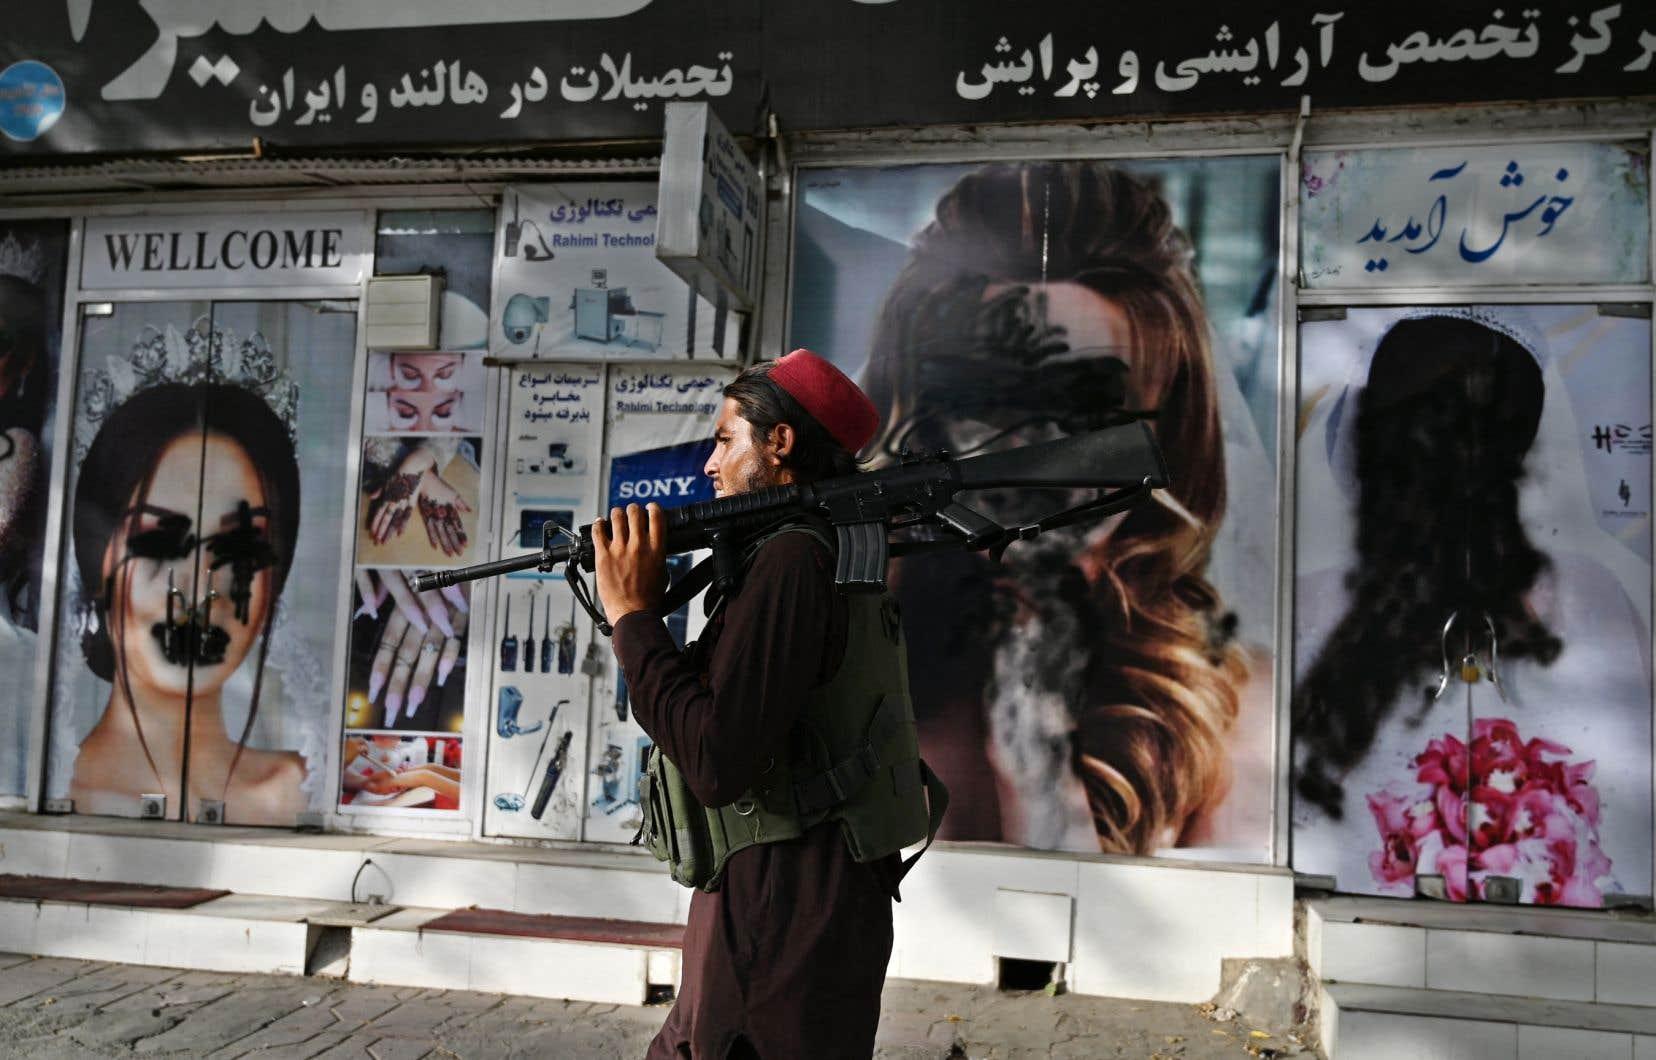 Au chaos qui régnait à l'aéroport de Kaboul cette semaine s'est aussi ajouté celui qui a envahi plusieurs cafés Internet, rapporte Sabur Shah.